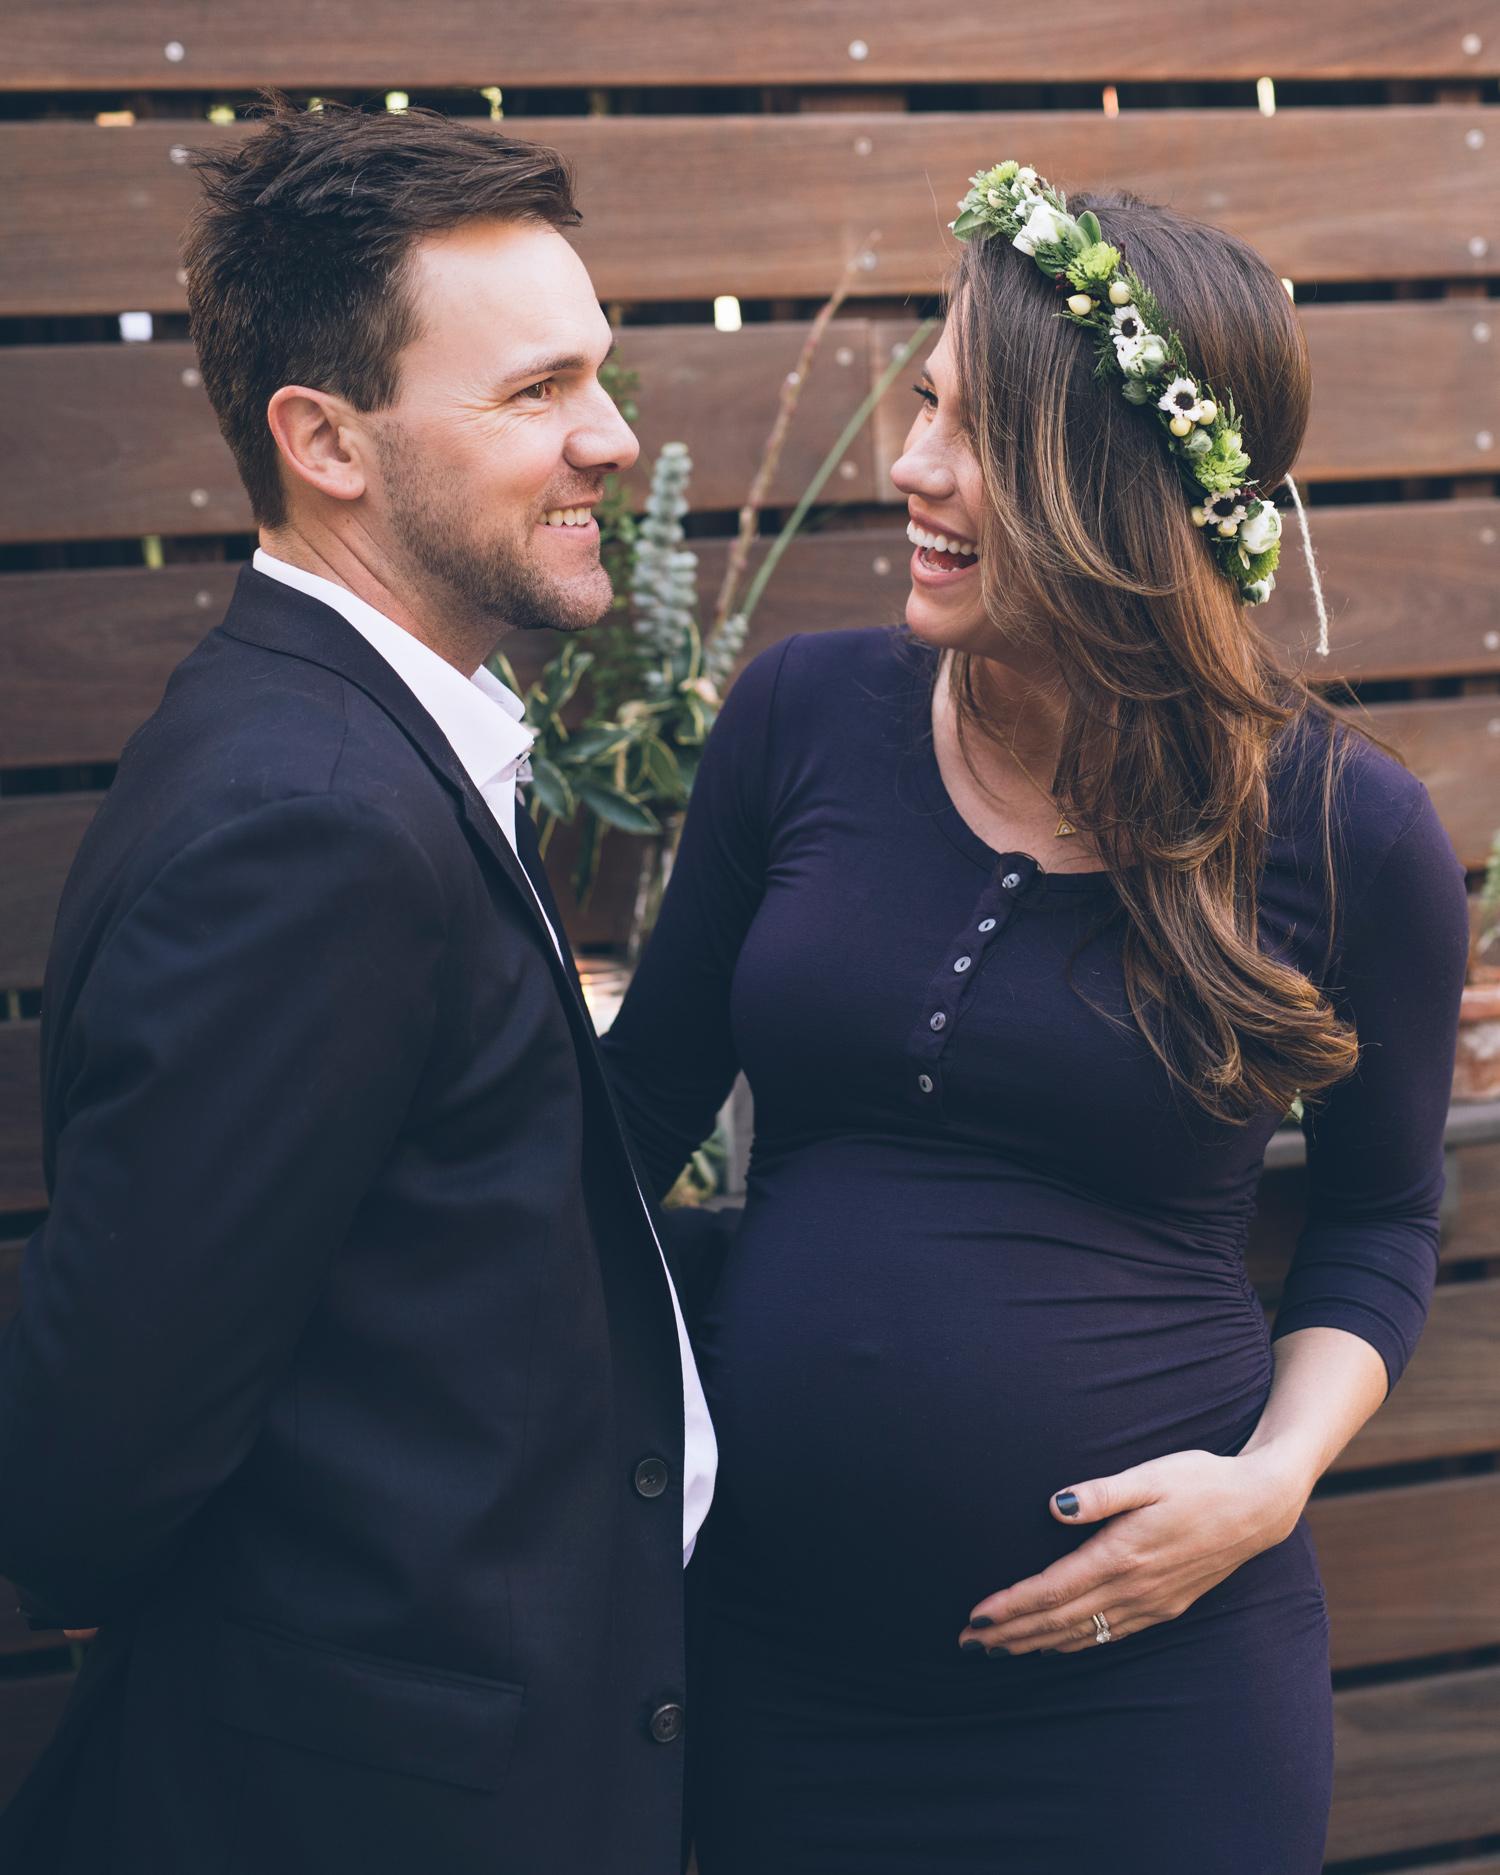 expectant-couple.jpg